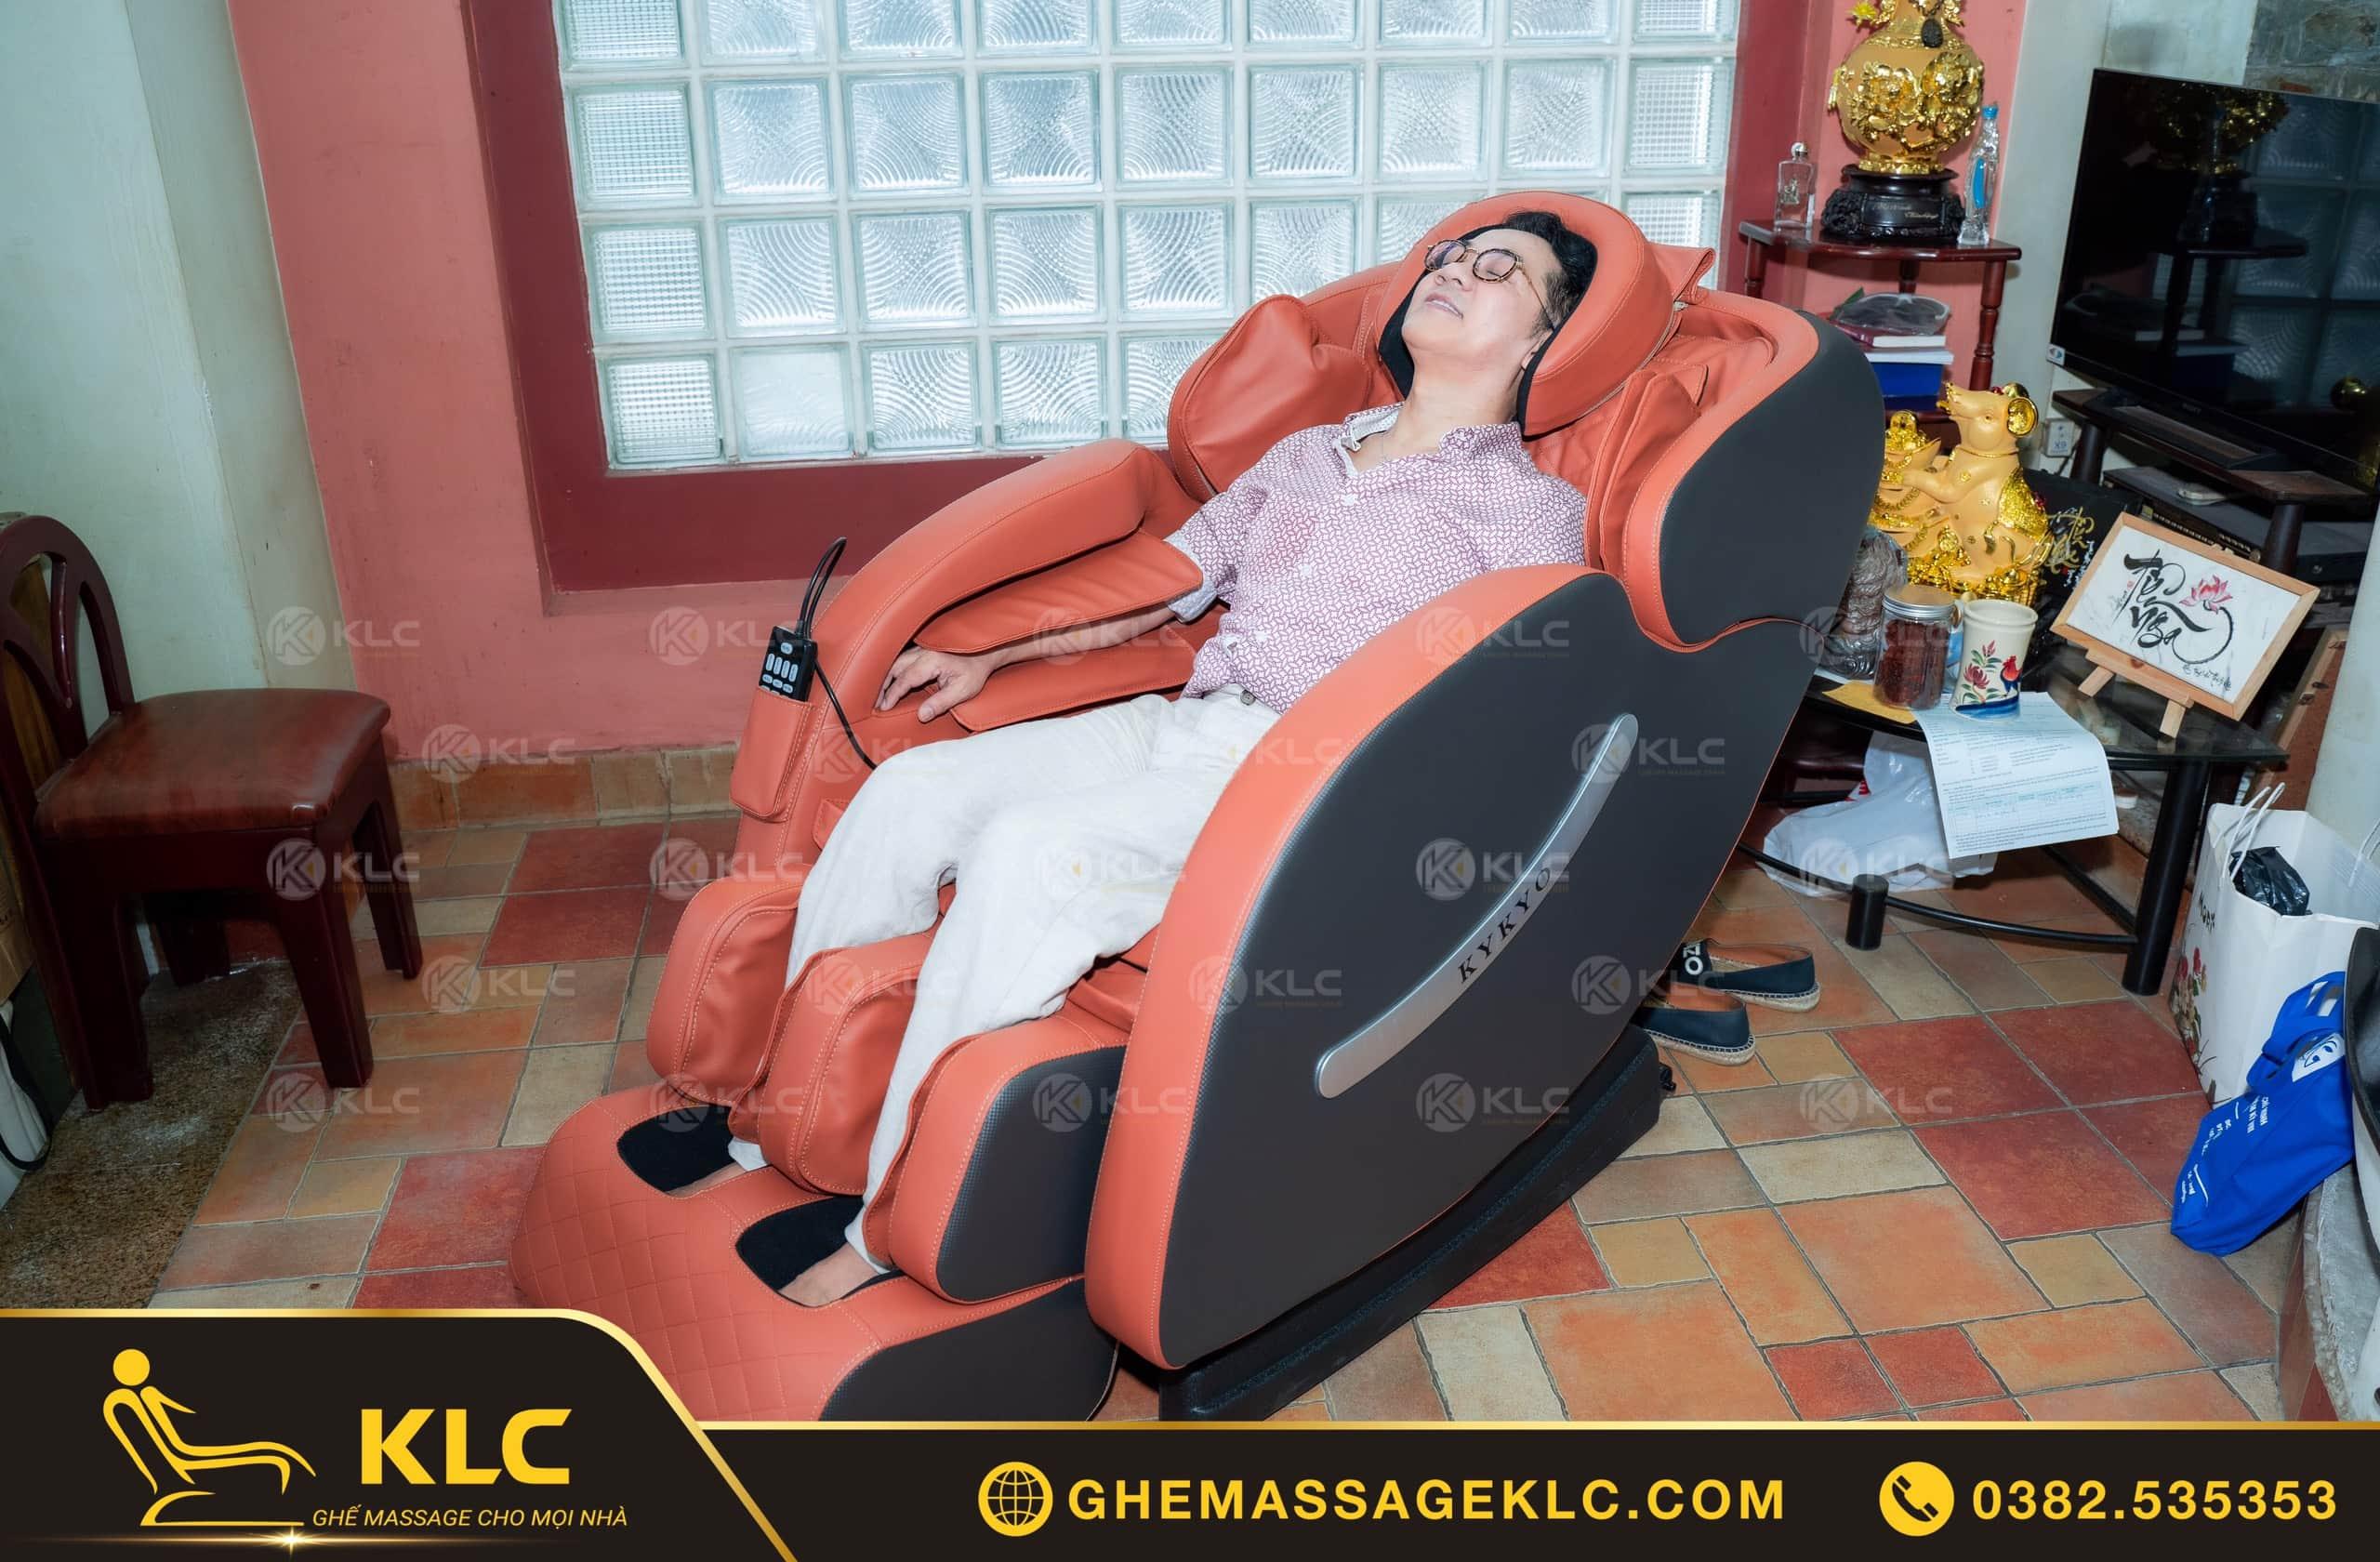 NSƯT Thành Lộc đã tin tưởng lựa chọn ghế massage KLC để sống vui - sống khỏe